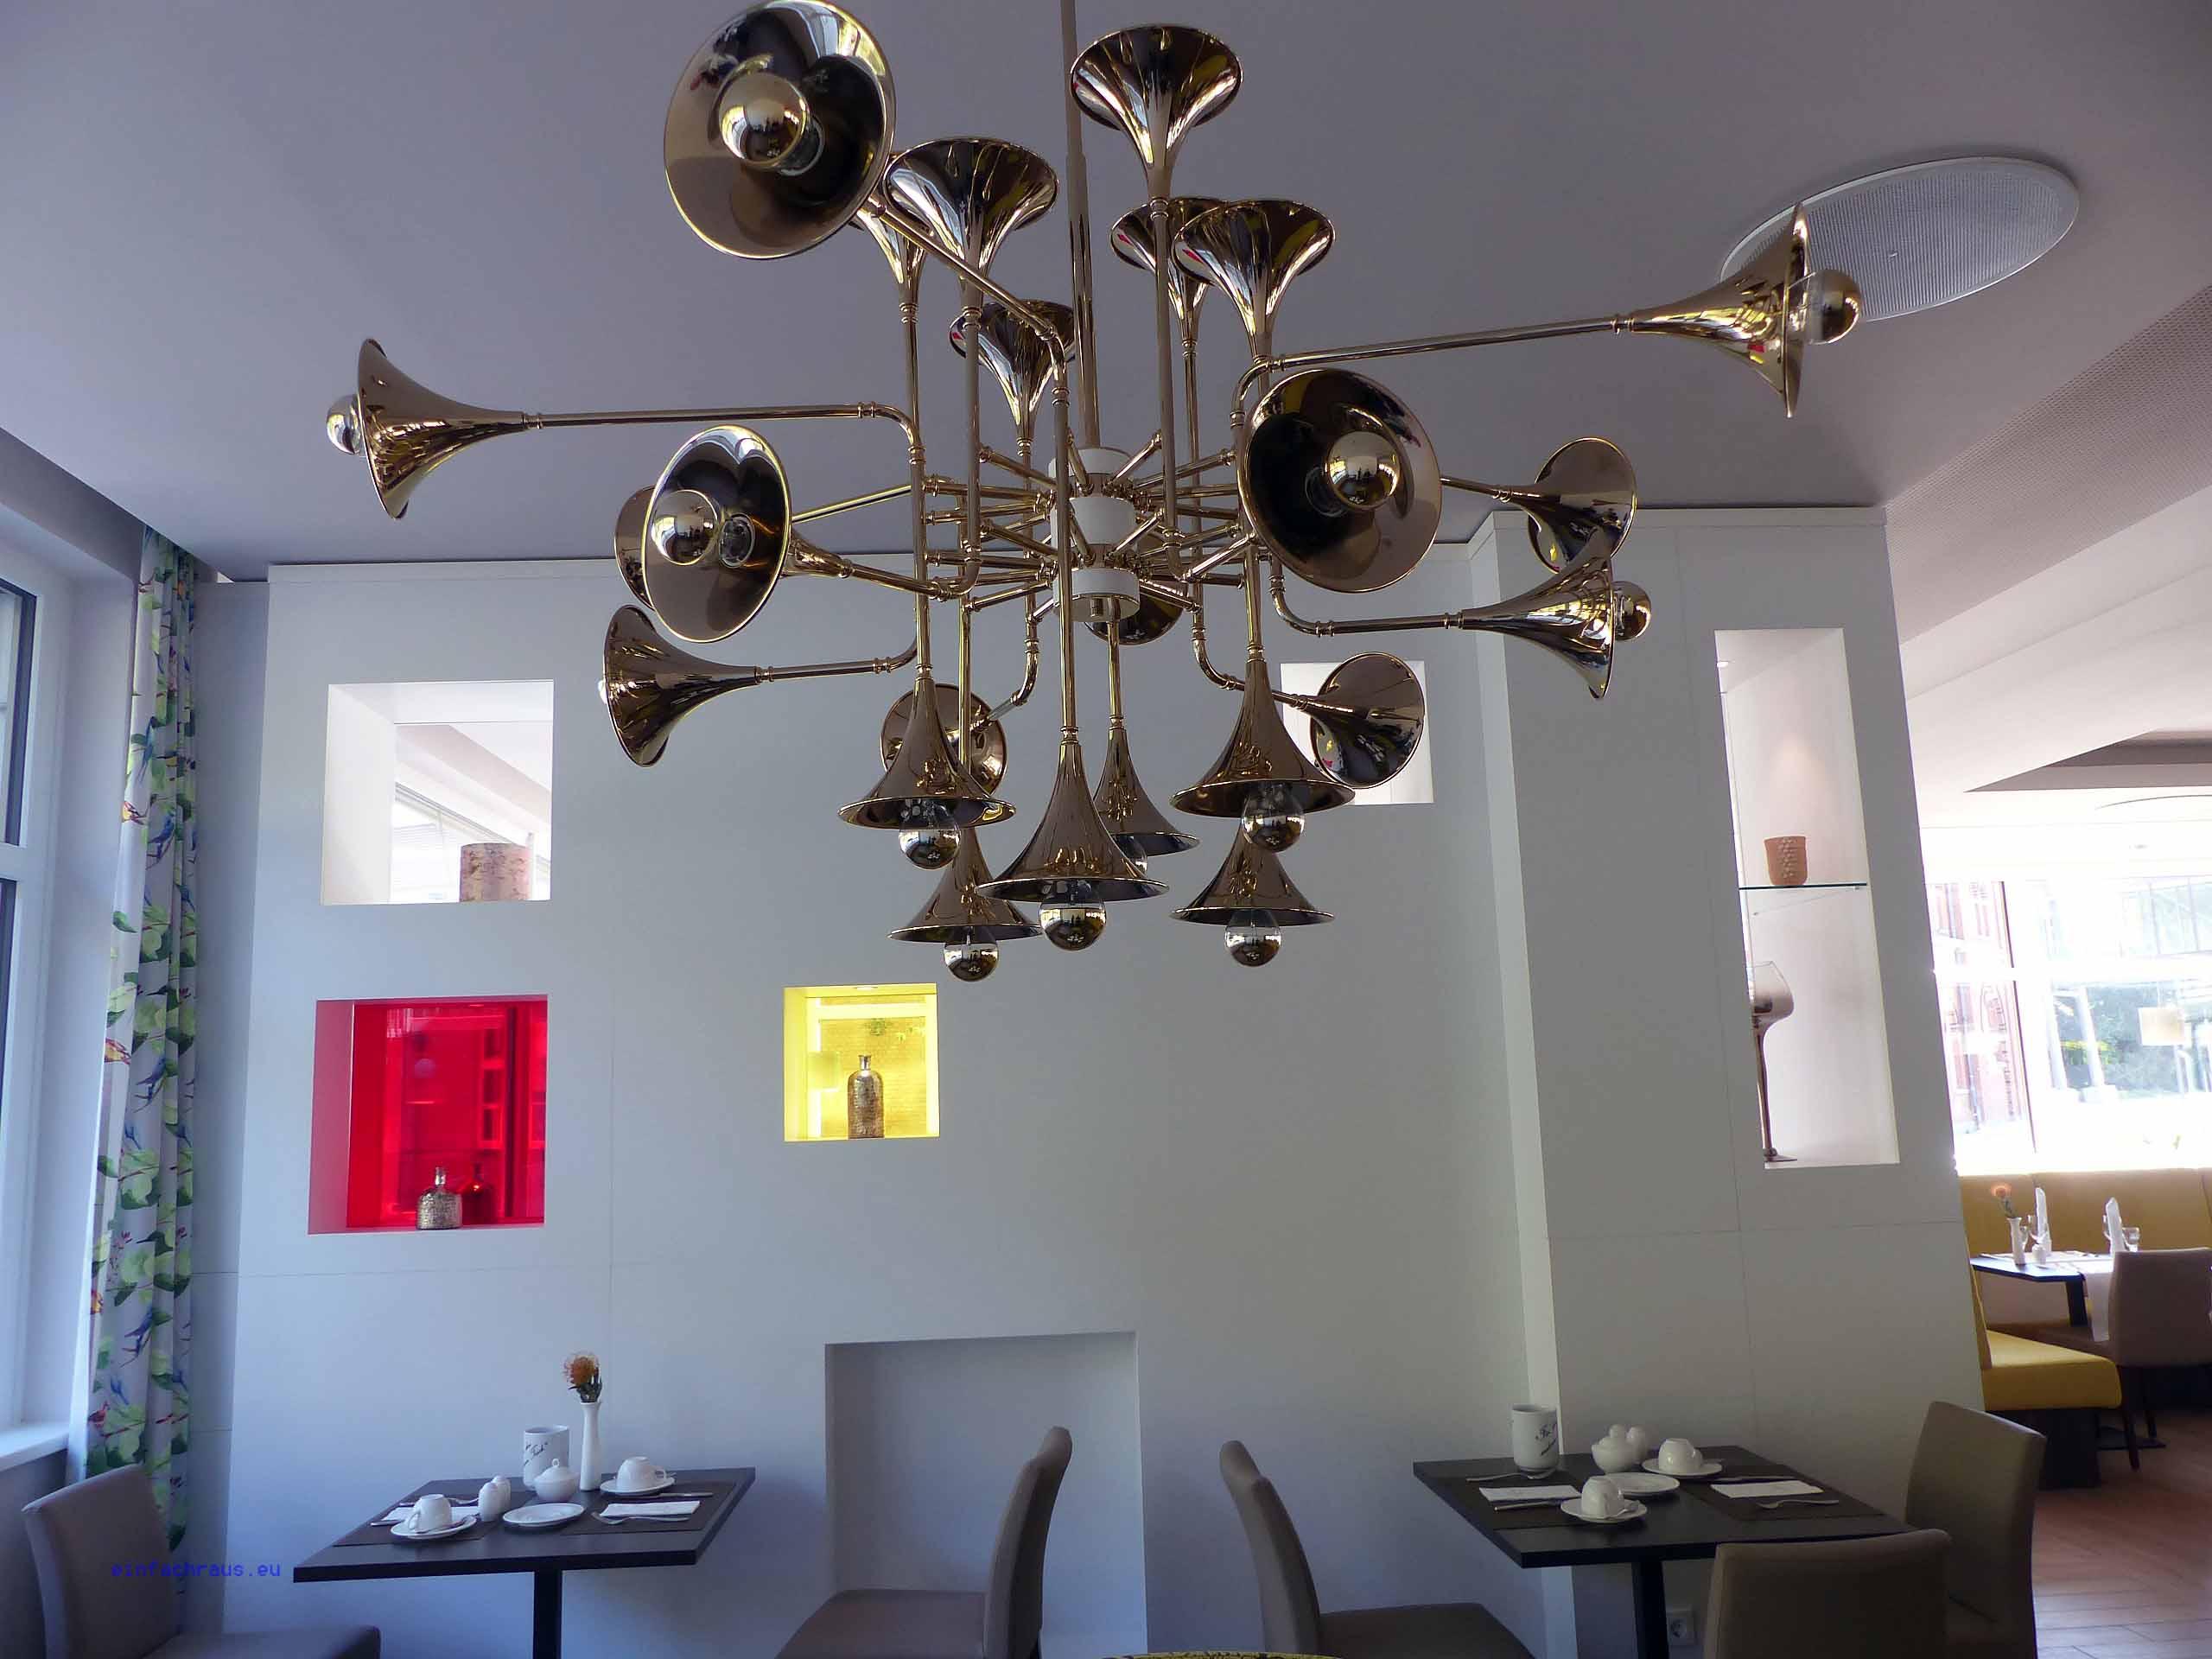 Originelle Deckenlampe im Restaurant des Hotel König Albert